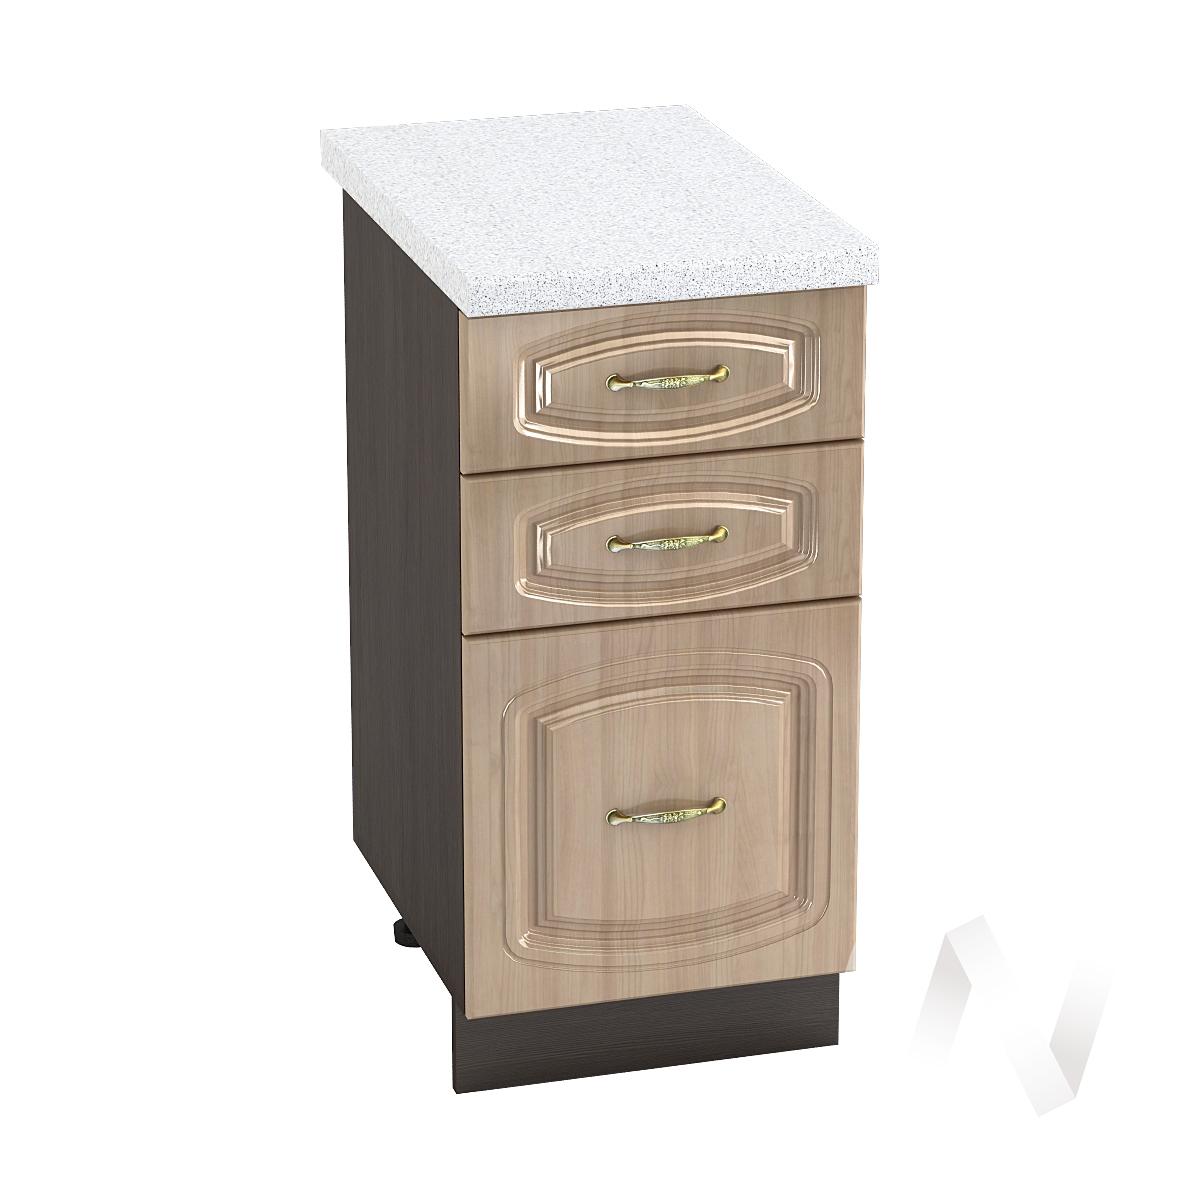 """Кухня """"Сити"""": Шкаф нижний с 3-мя ящиками 400, ШН3Я 400 (корпус венге)"""